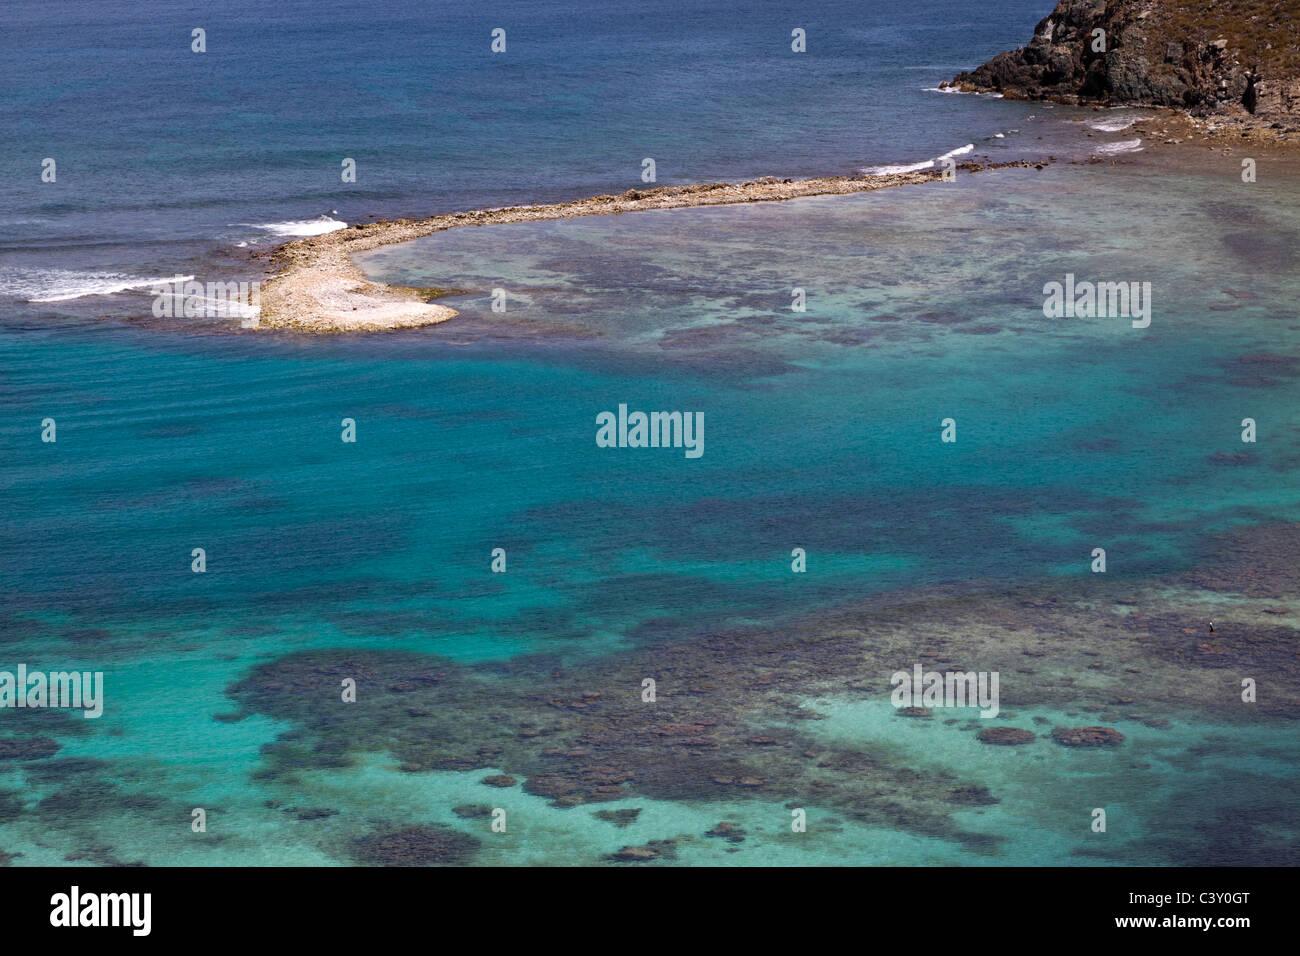 Le barriere coralline di seguito turchesi acque cristalline e sandbar sporgente dalla costa rocciosa nei Caraibi Immagini Stock